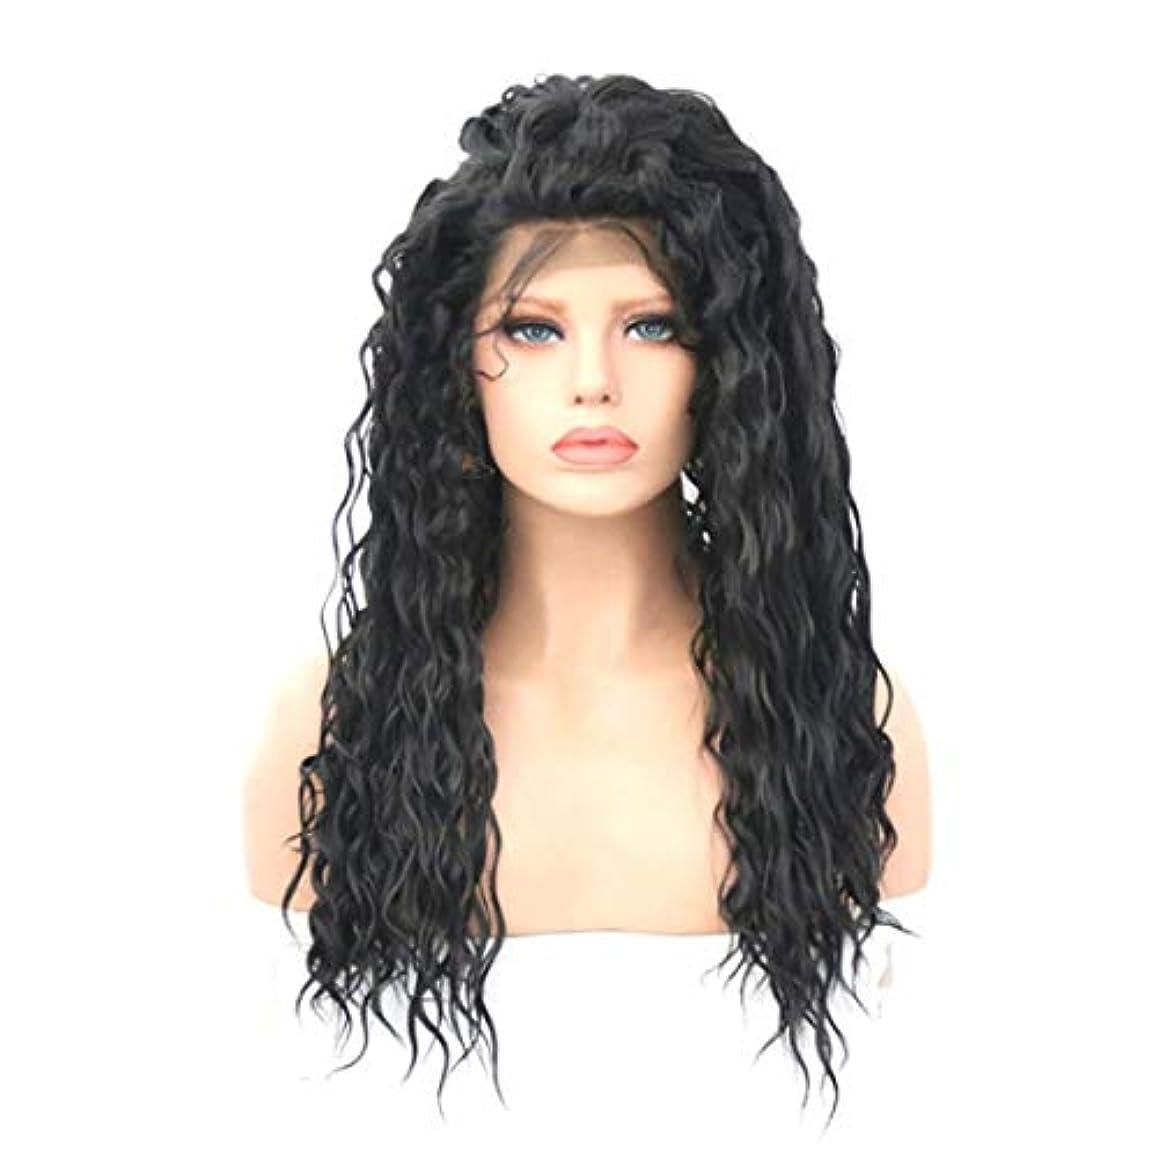 みなすランプファックスKerwinner 女性のための長い巻き毛のかつらかつらかつらと人工的な毛髪のかつら本物の髪として自然なかつら (Size : 22inch)